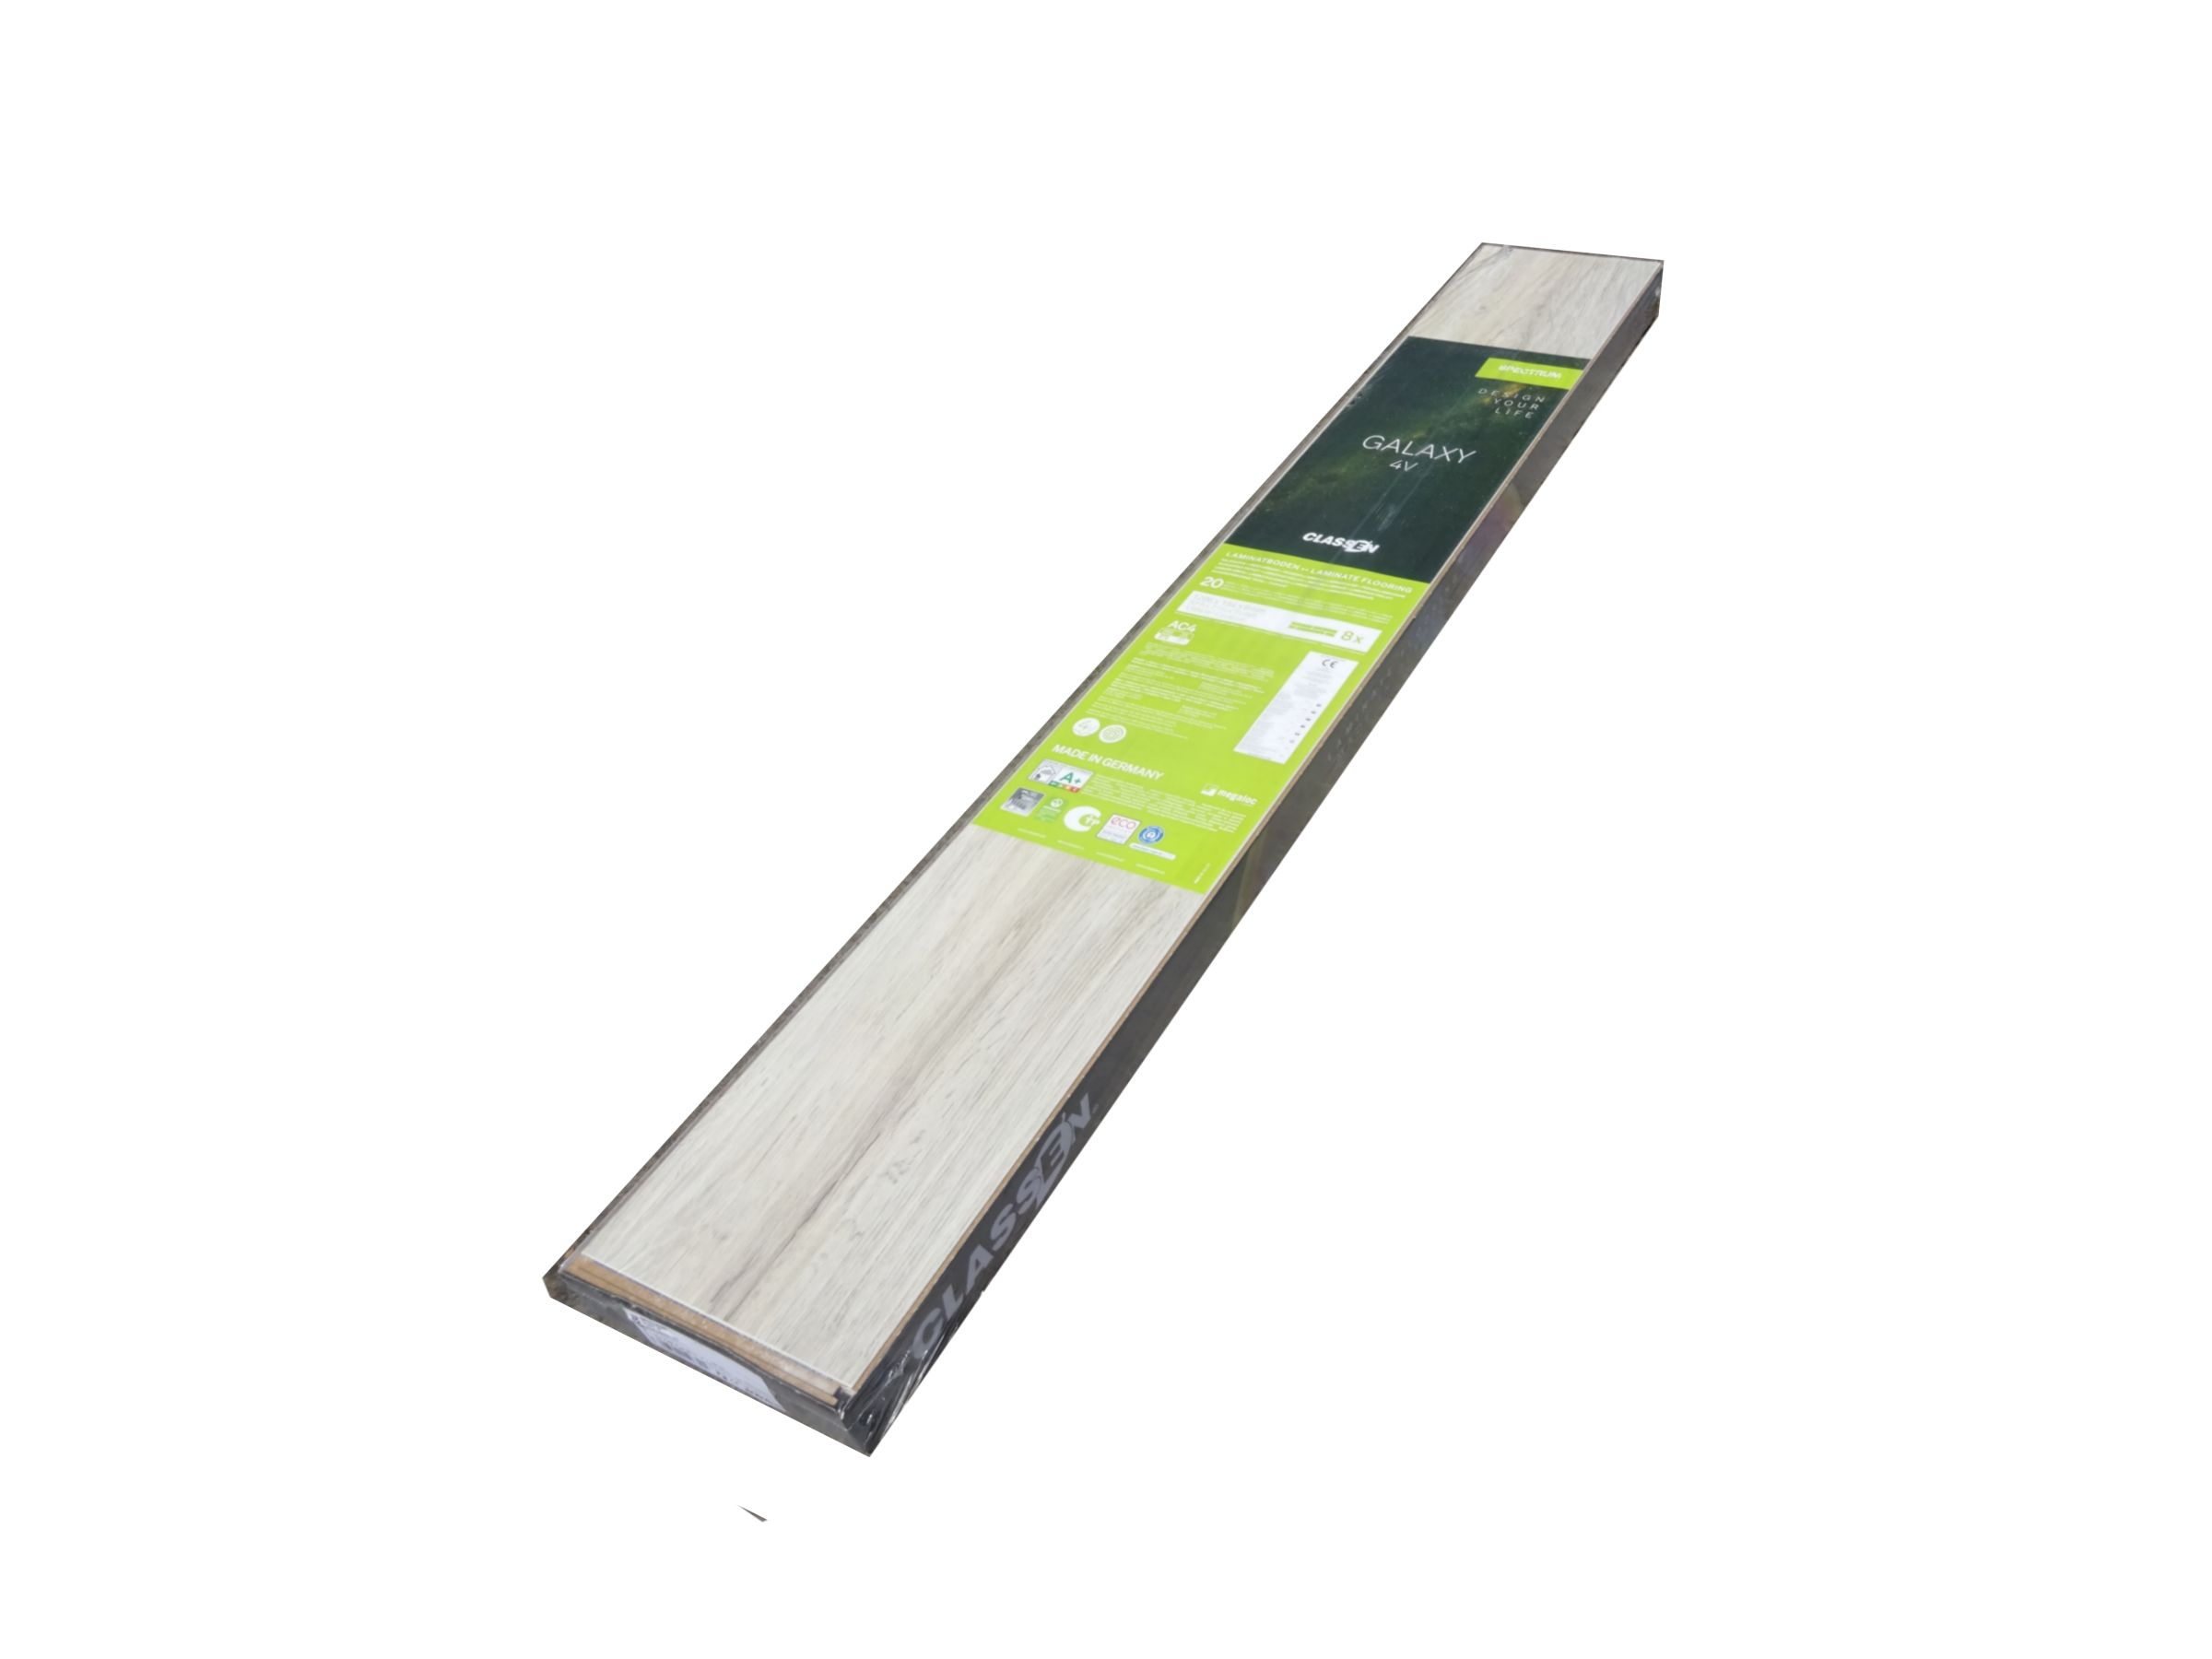 $ 6.990 m2 c/Iva Piso flotante Oak Nordic (2.00 m2) CLASSEN